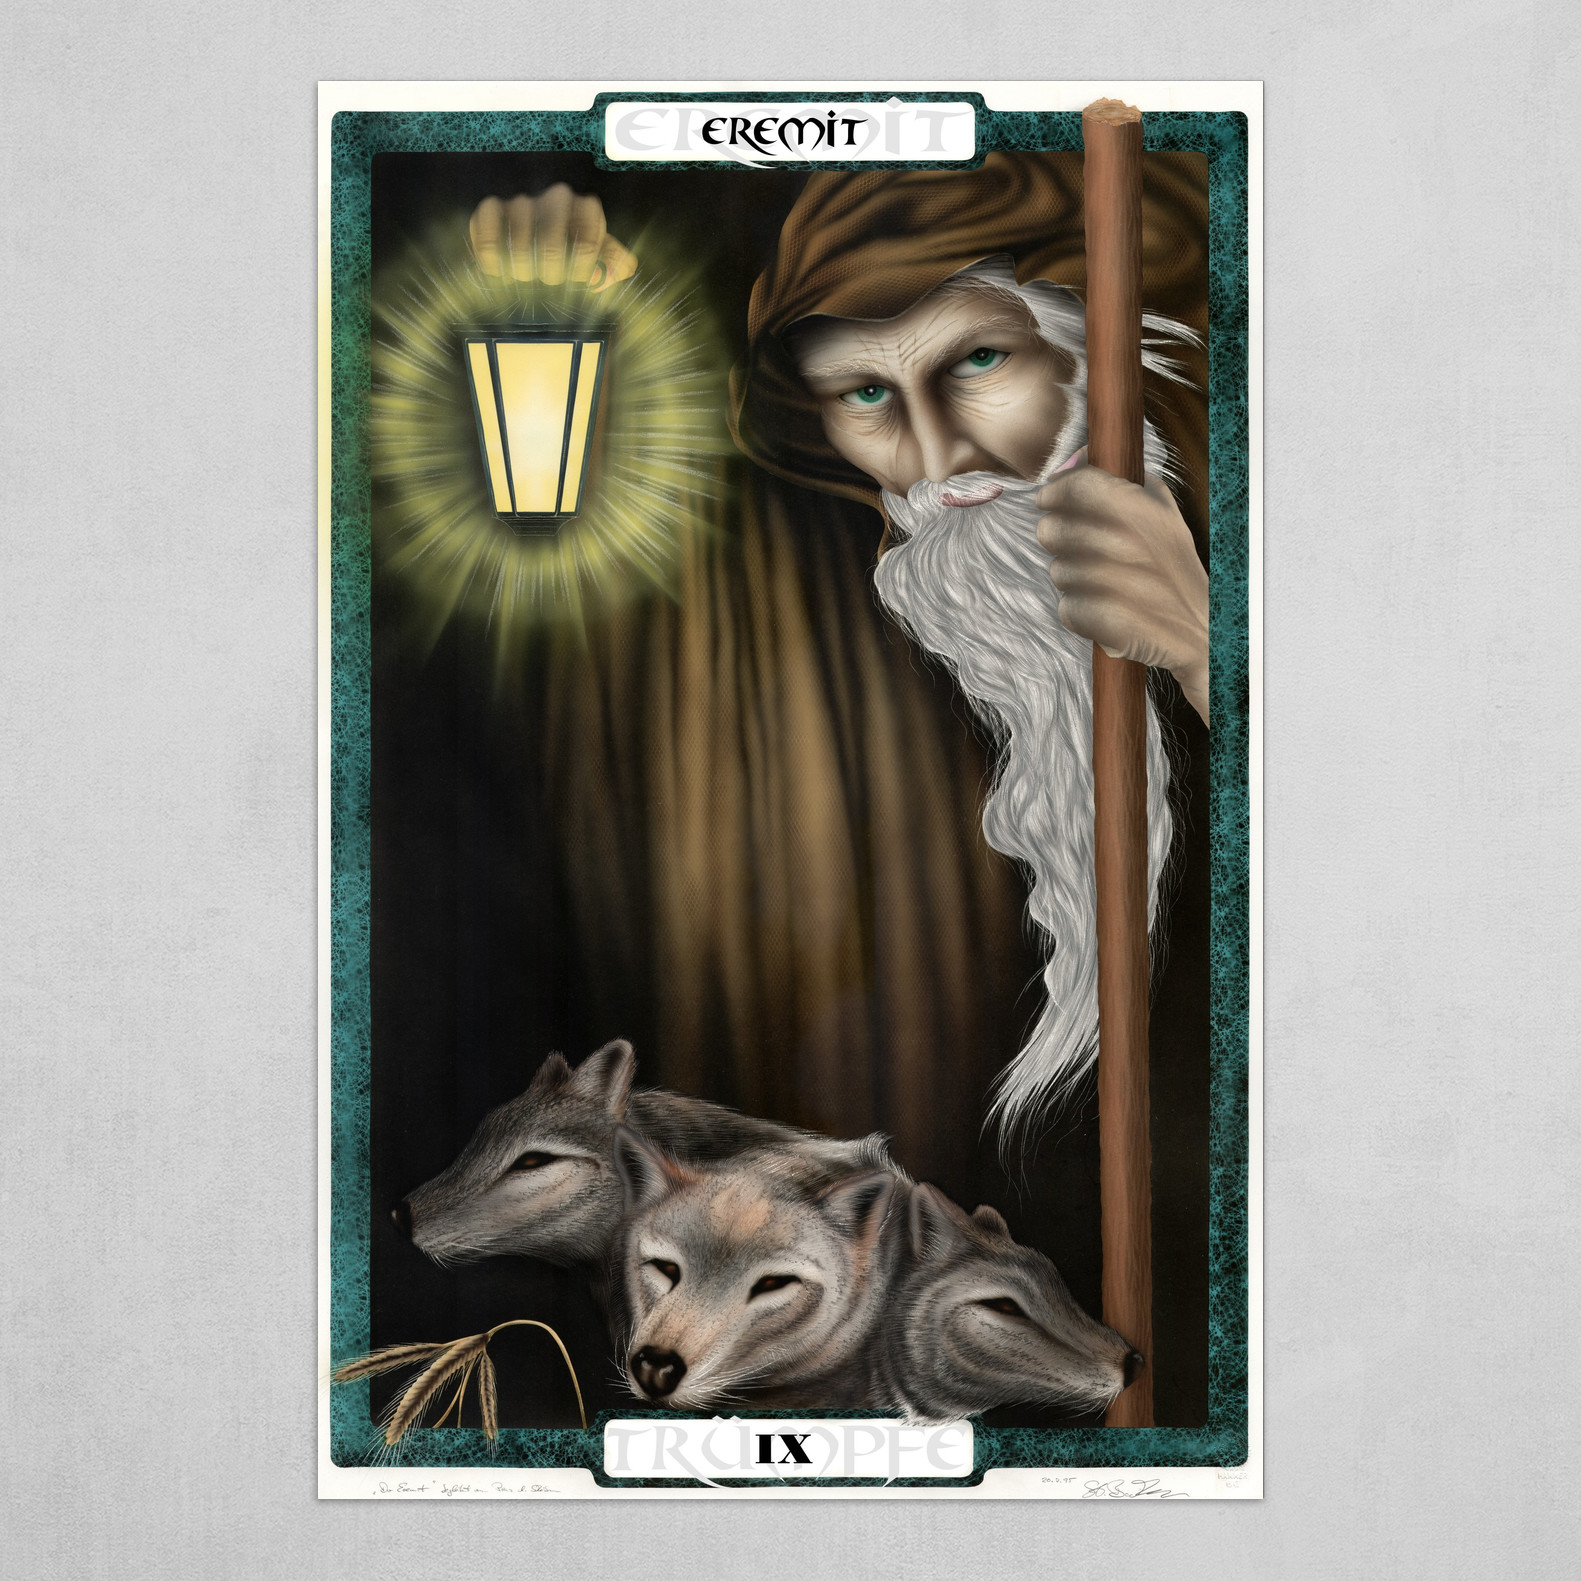 Der Eremit - The Hermit